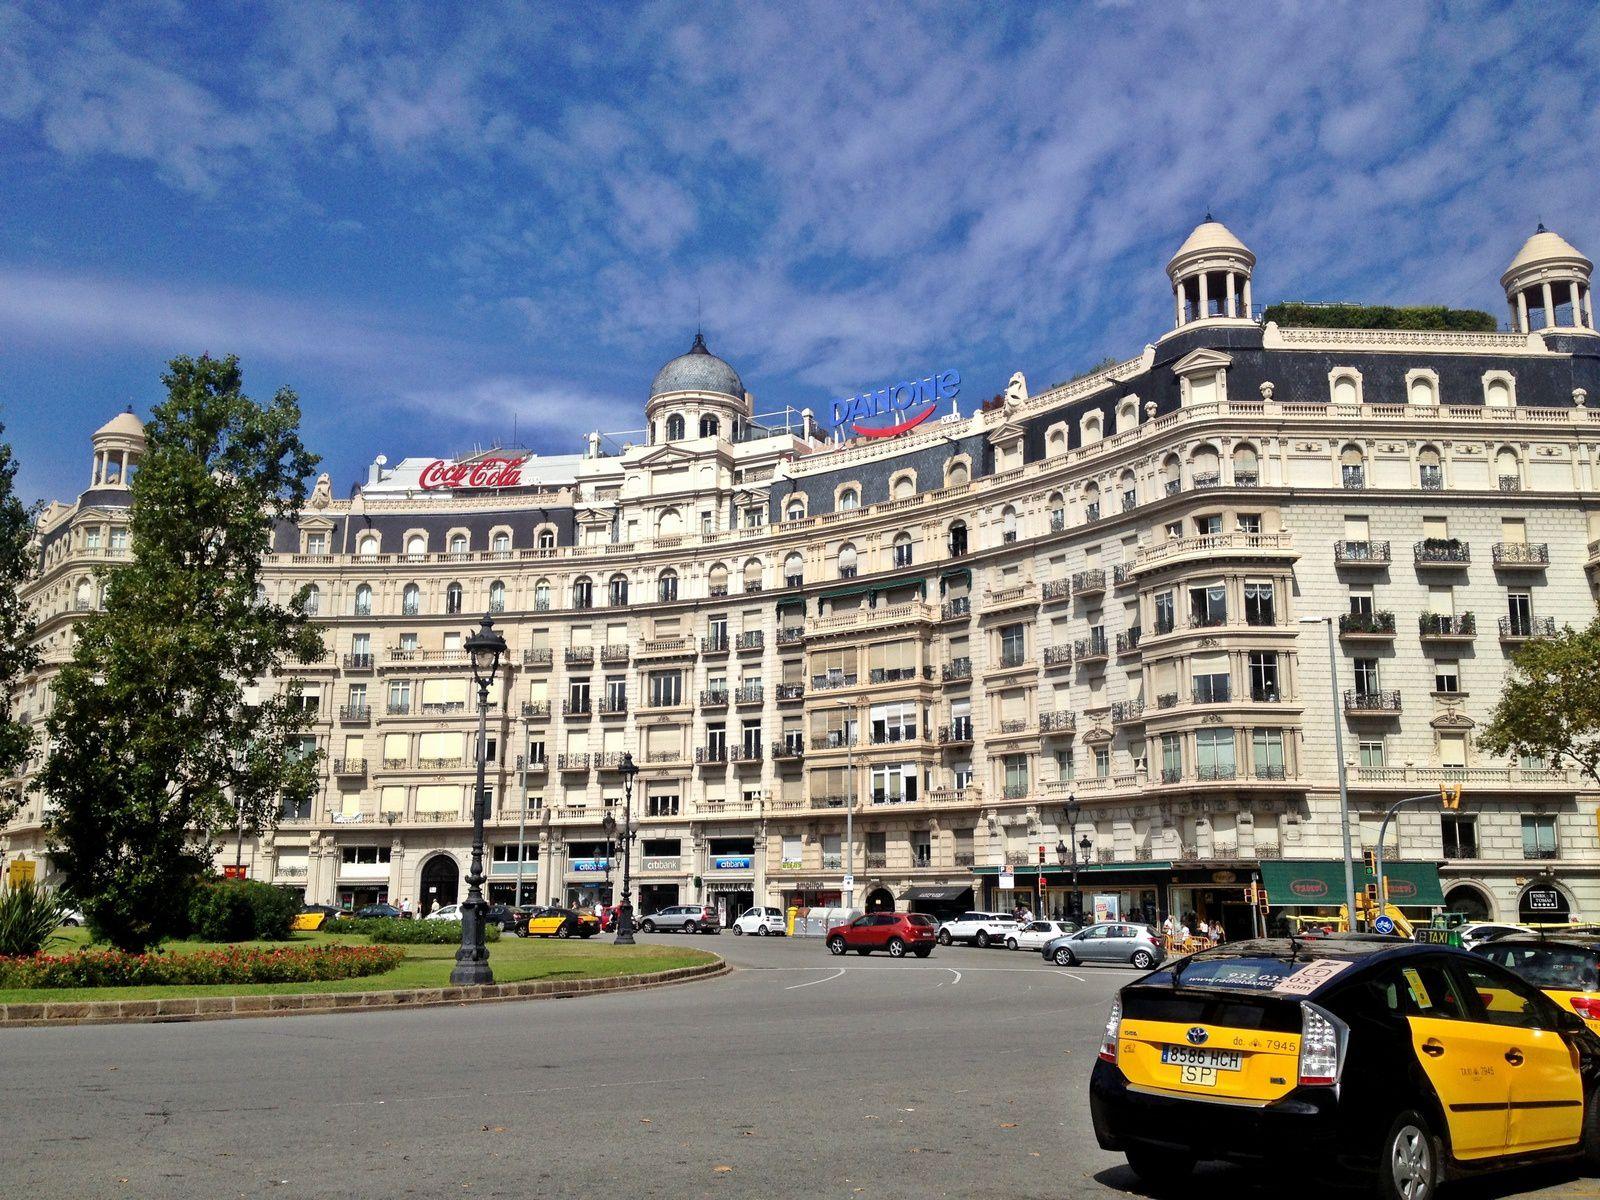 Callejeando por Barcelona